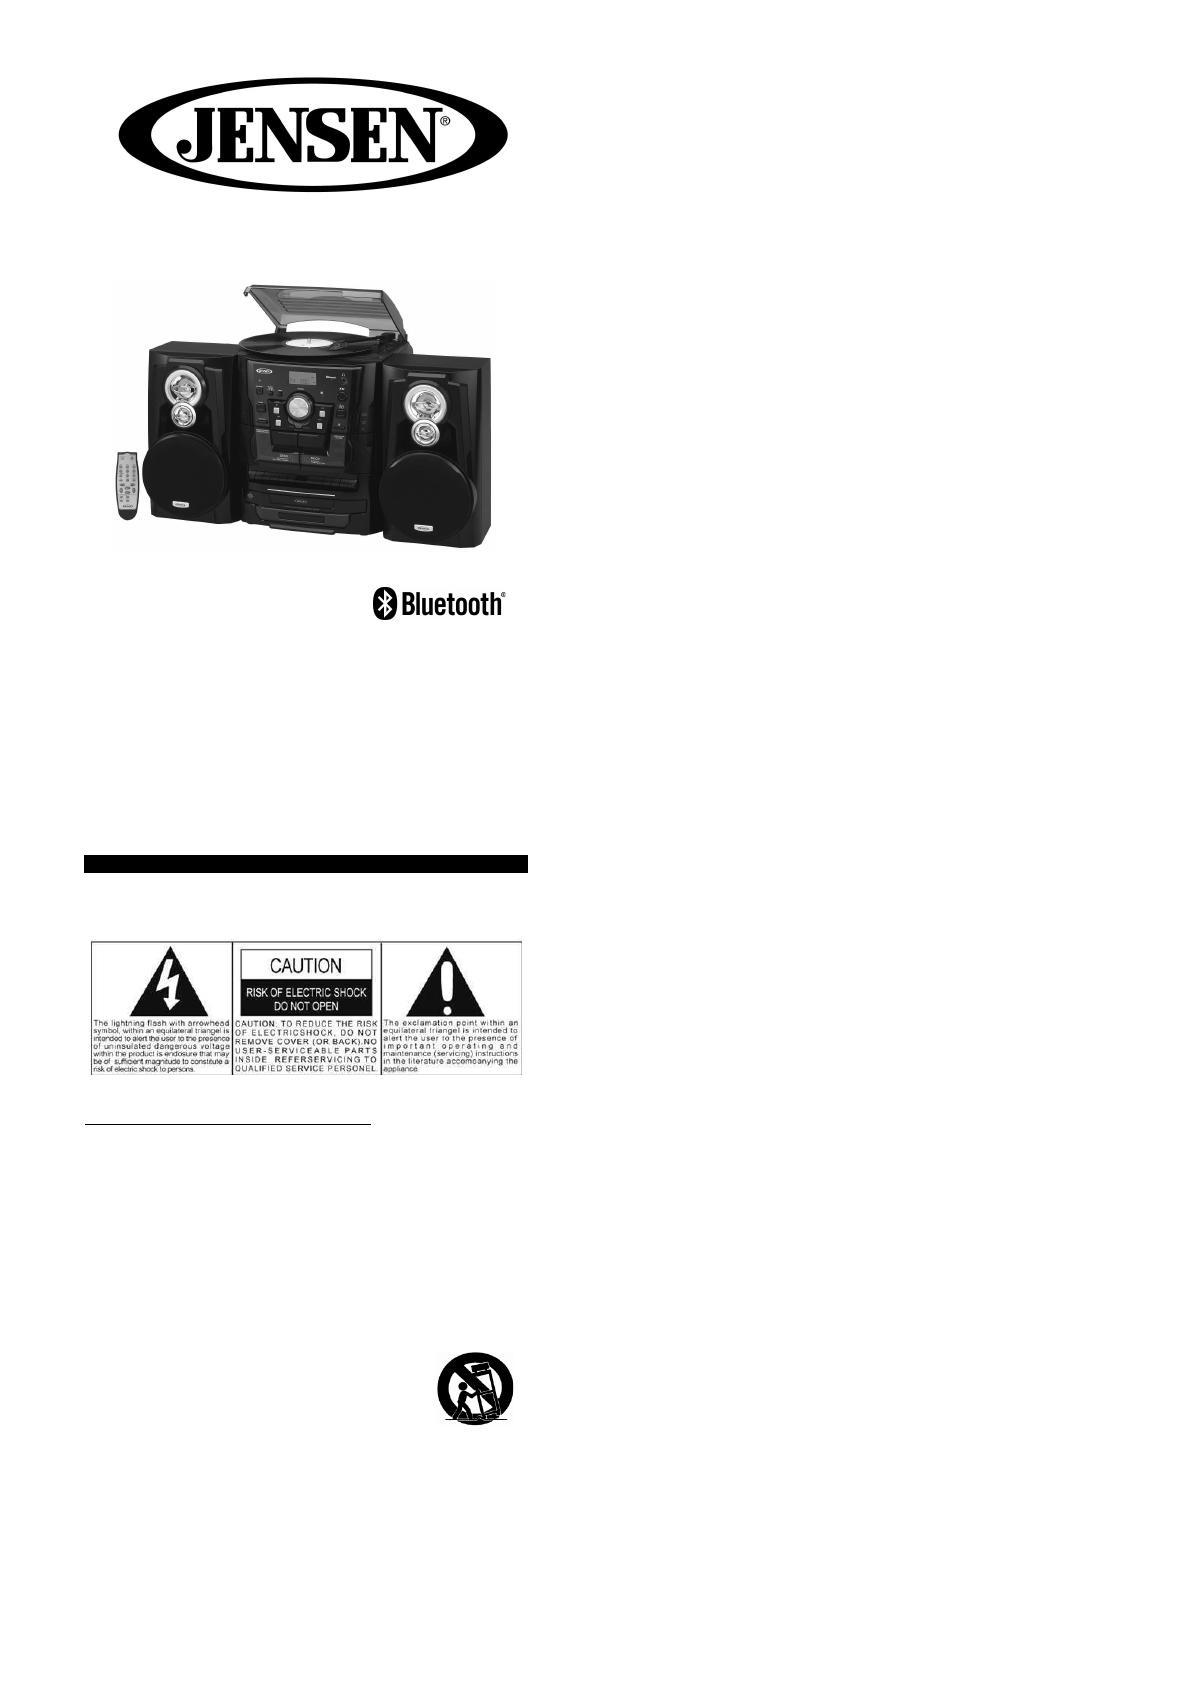 Jensen Jmc-1250 User Manual Download